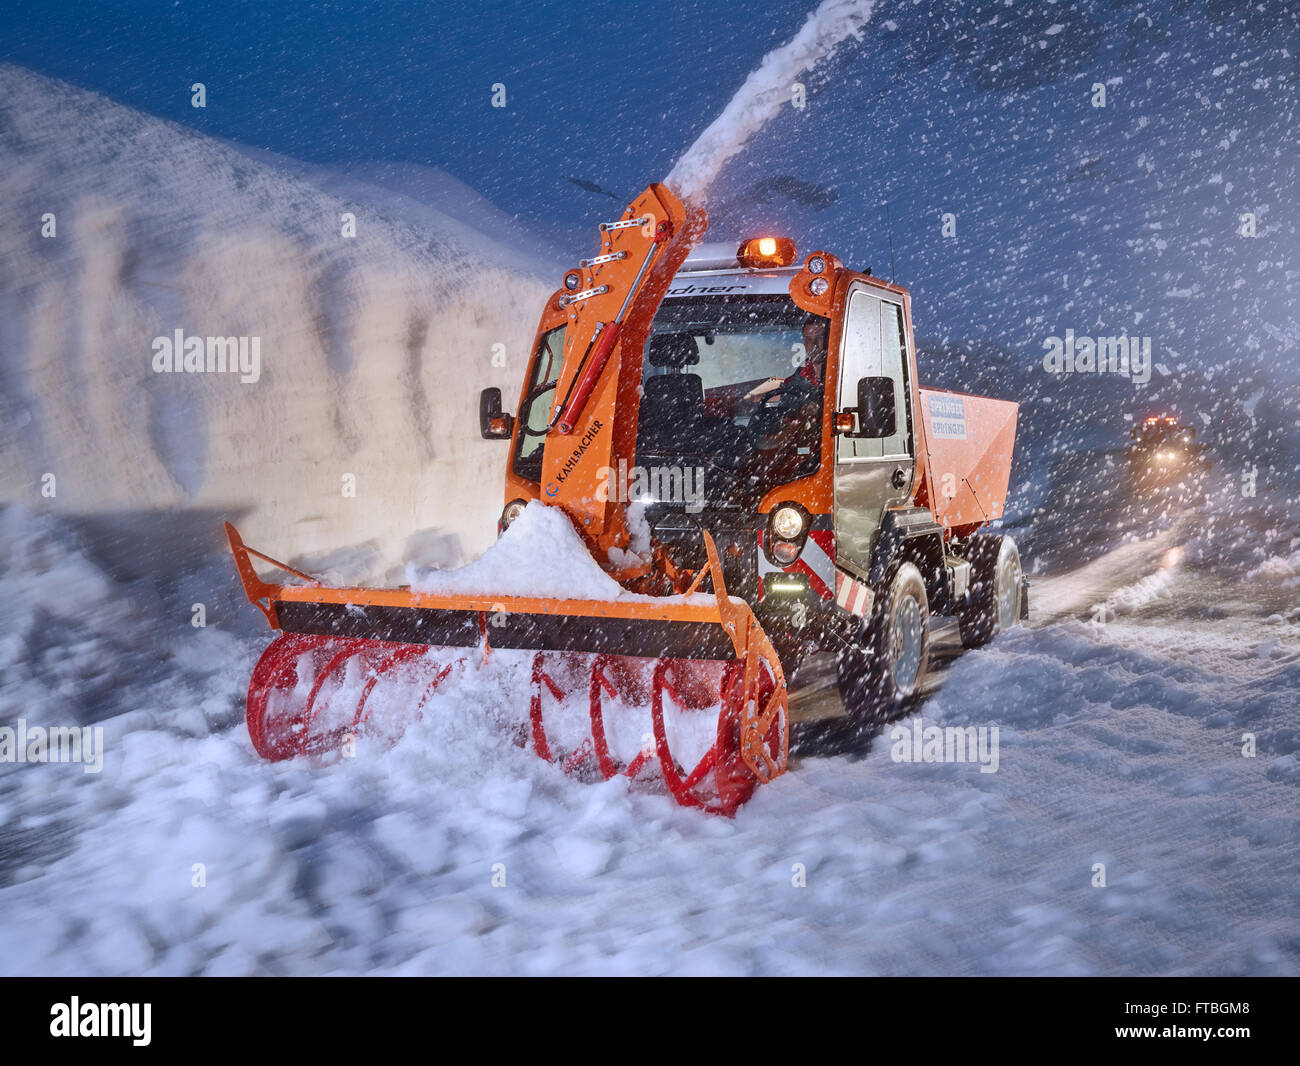 Spartineve la rimozione di neve, manutenzione invernale, Hochgurgl, Ötztal, Tirolo, Austria Foto Stock